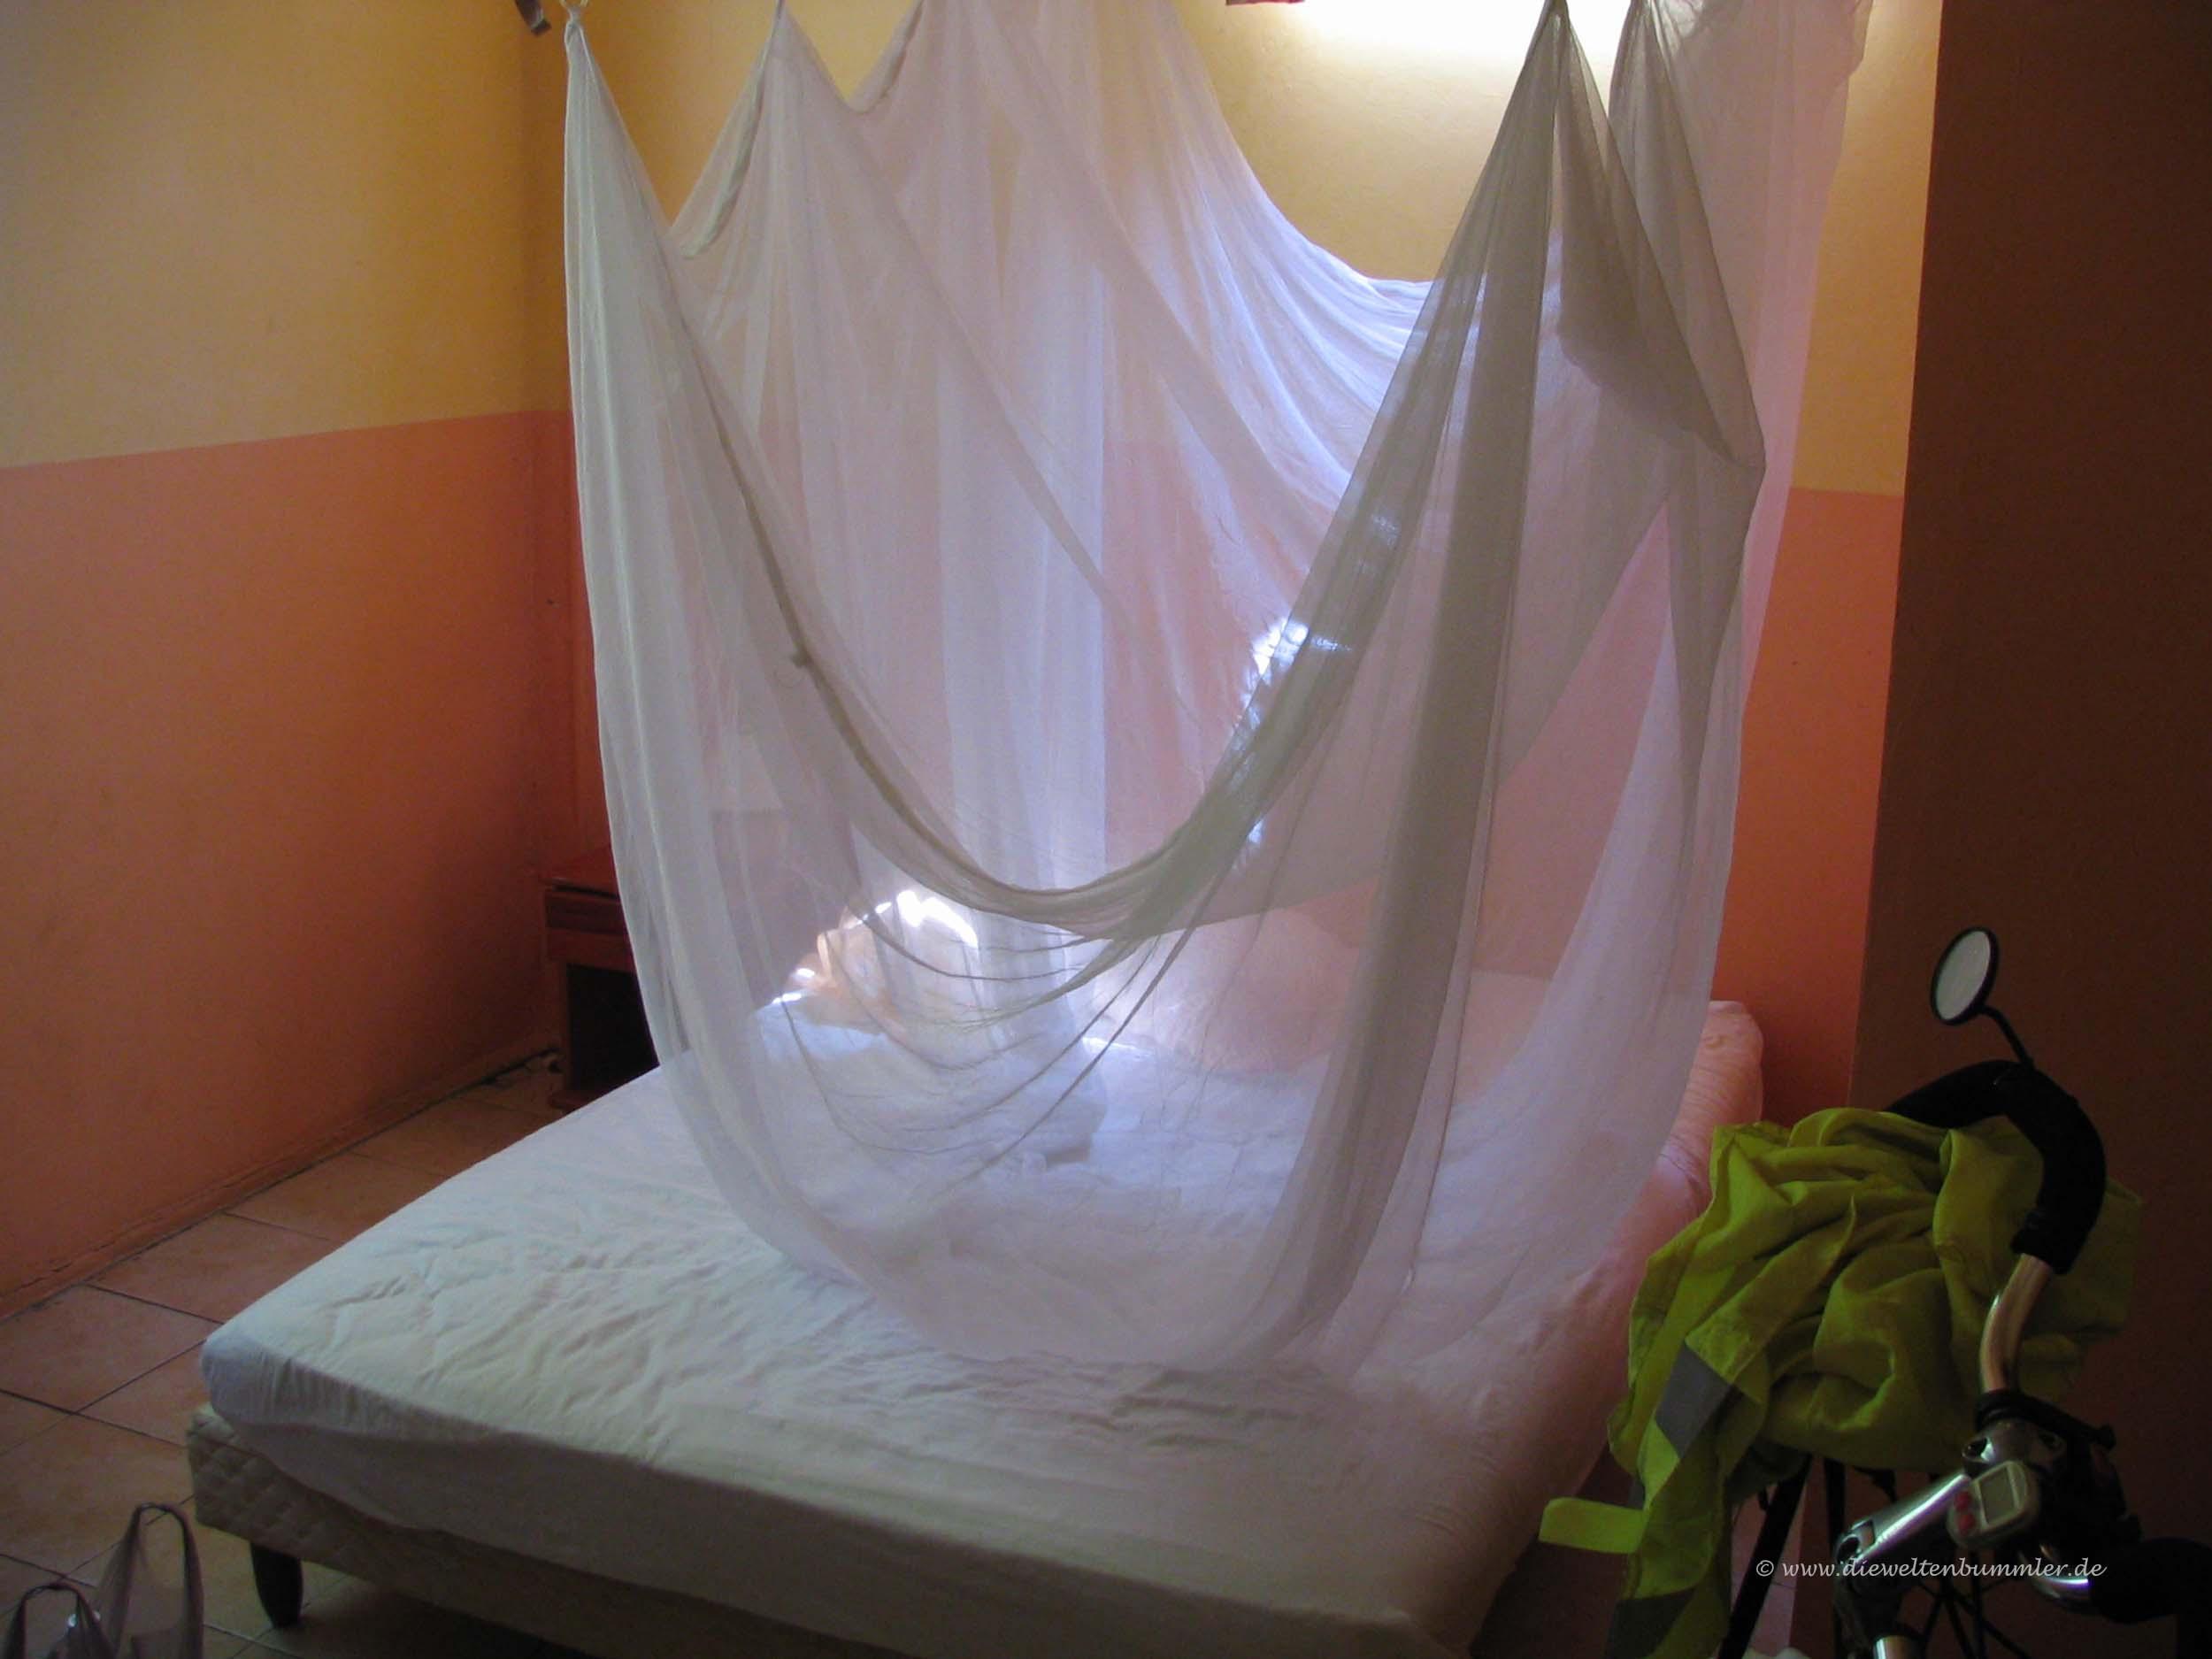 Moskitoschutz im Hotel